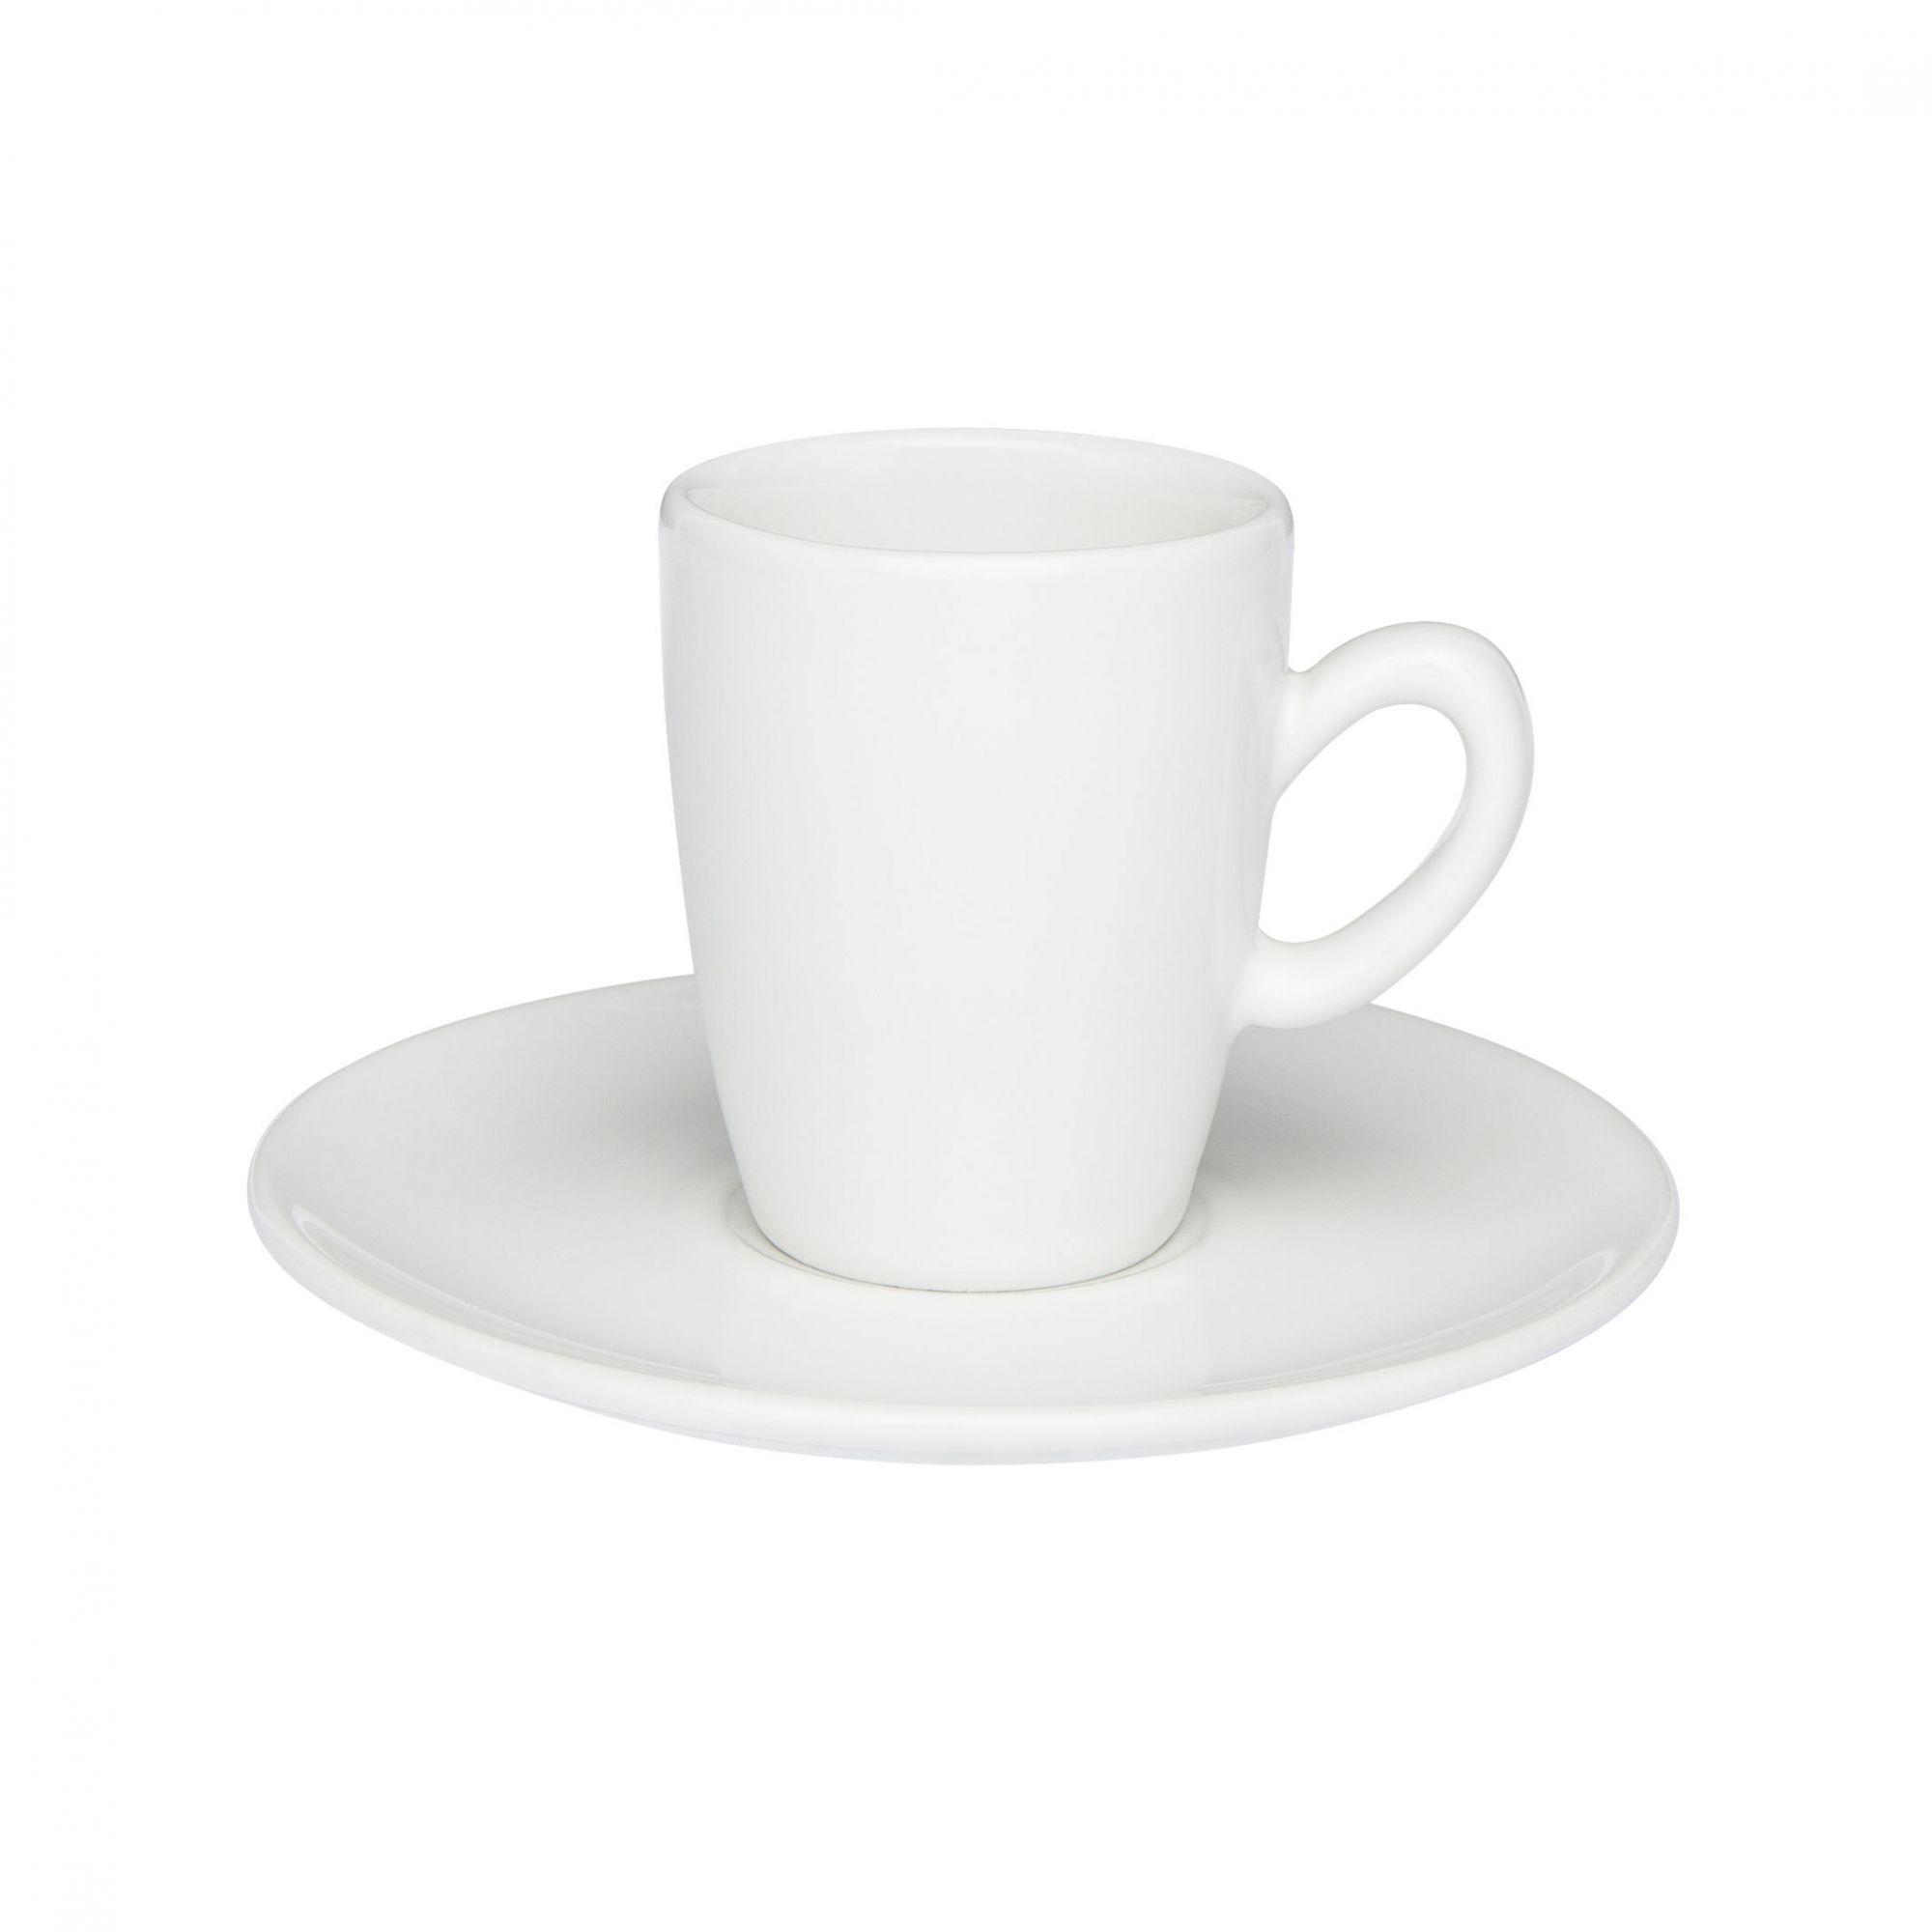 Xícara de Café com Pires 75 ml Expresso Longo Branca